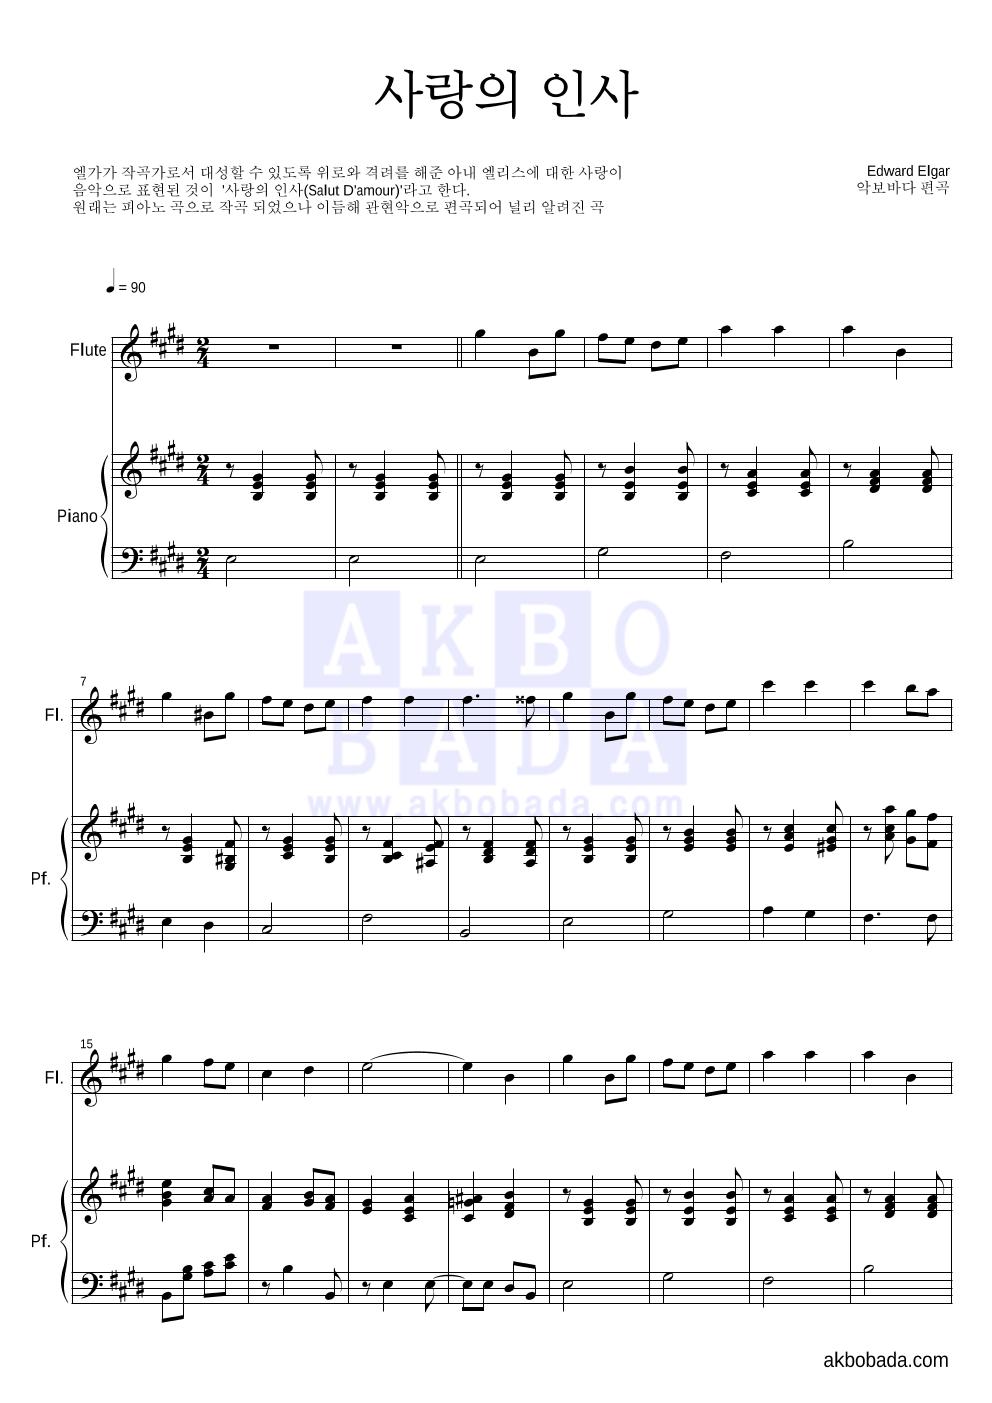 엘가 - 사랑의 인사 플룻&피아노 악보